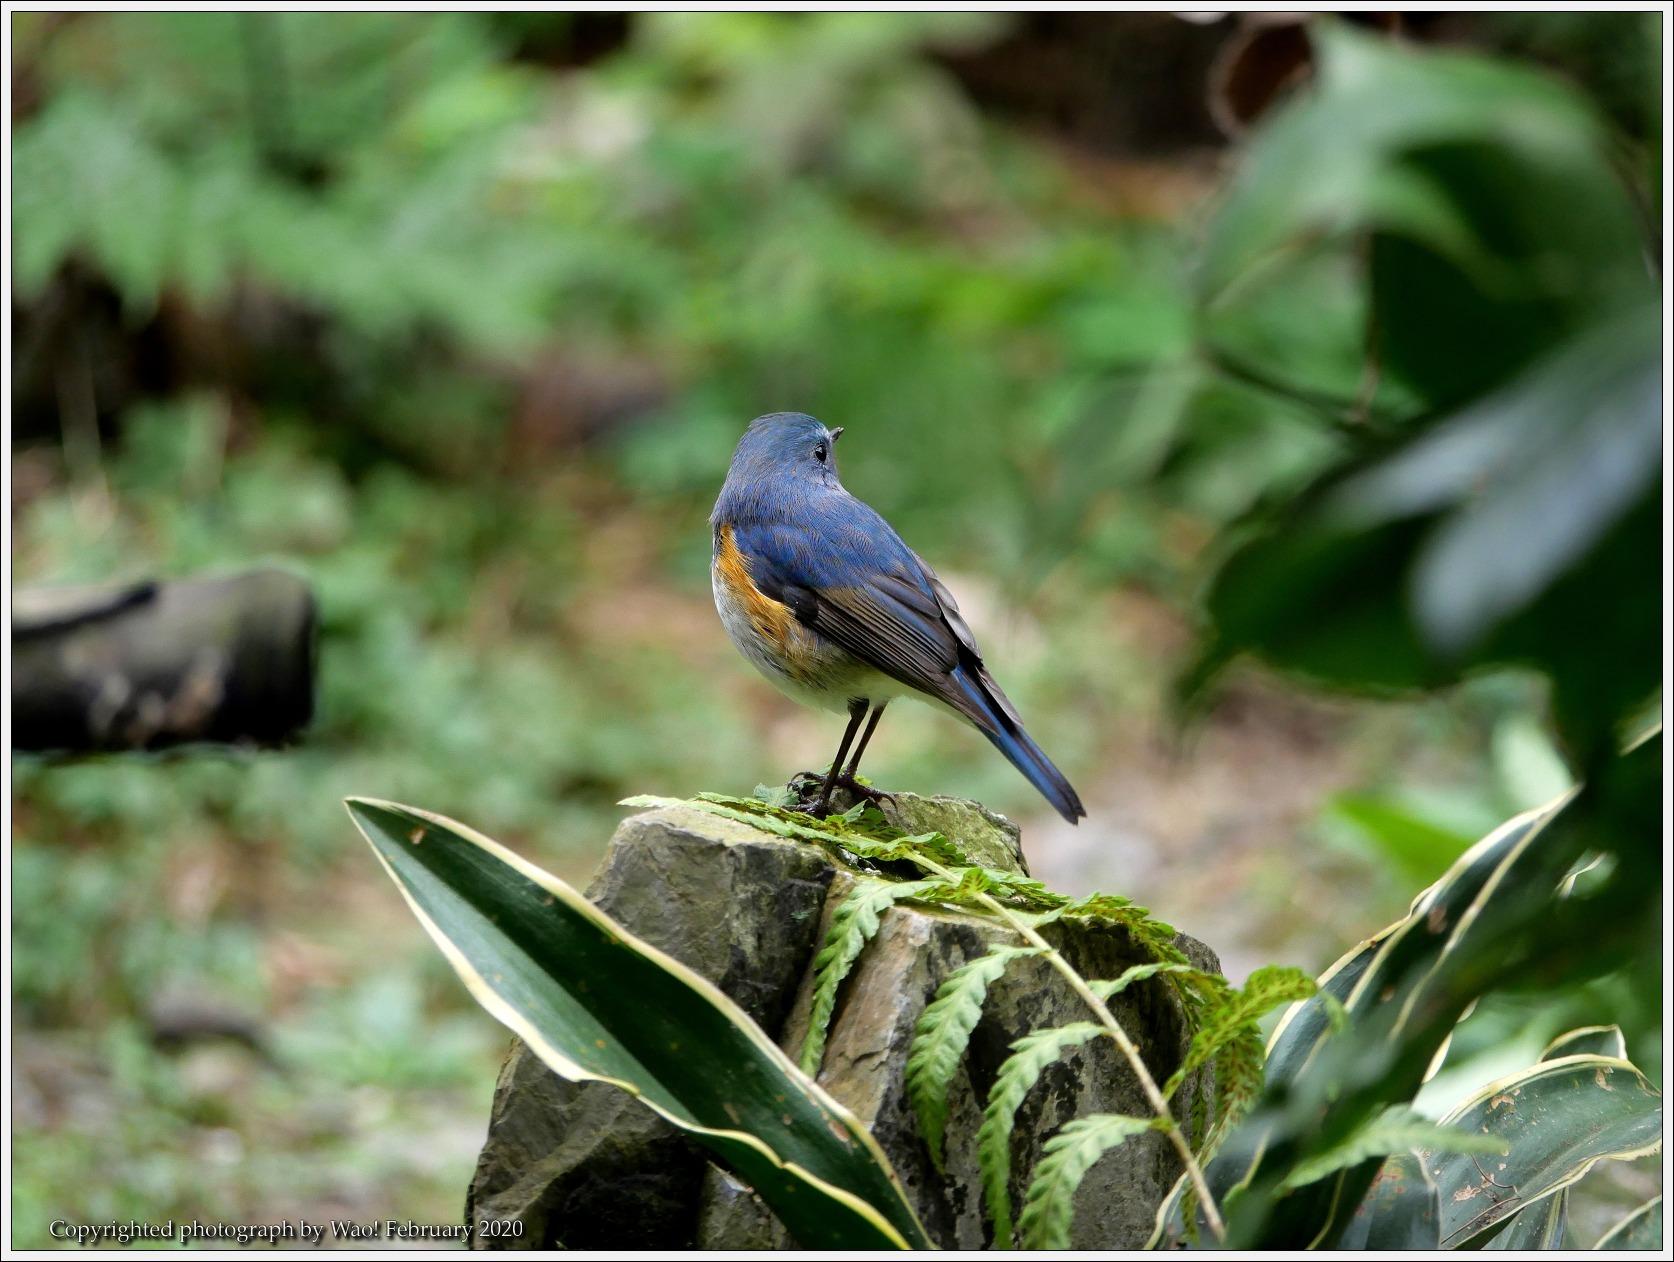 野鳥園のルリ・コマ・キビタキ_c0198669_14143239.jpg